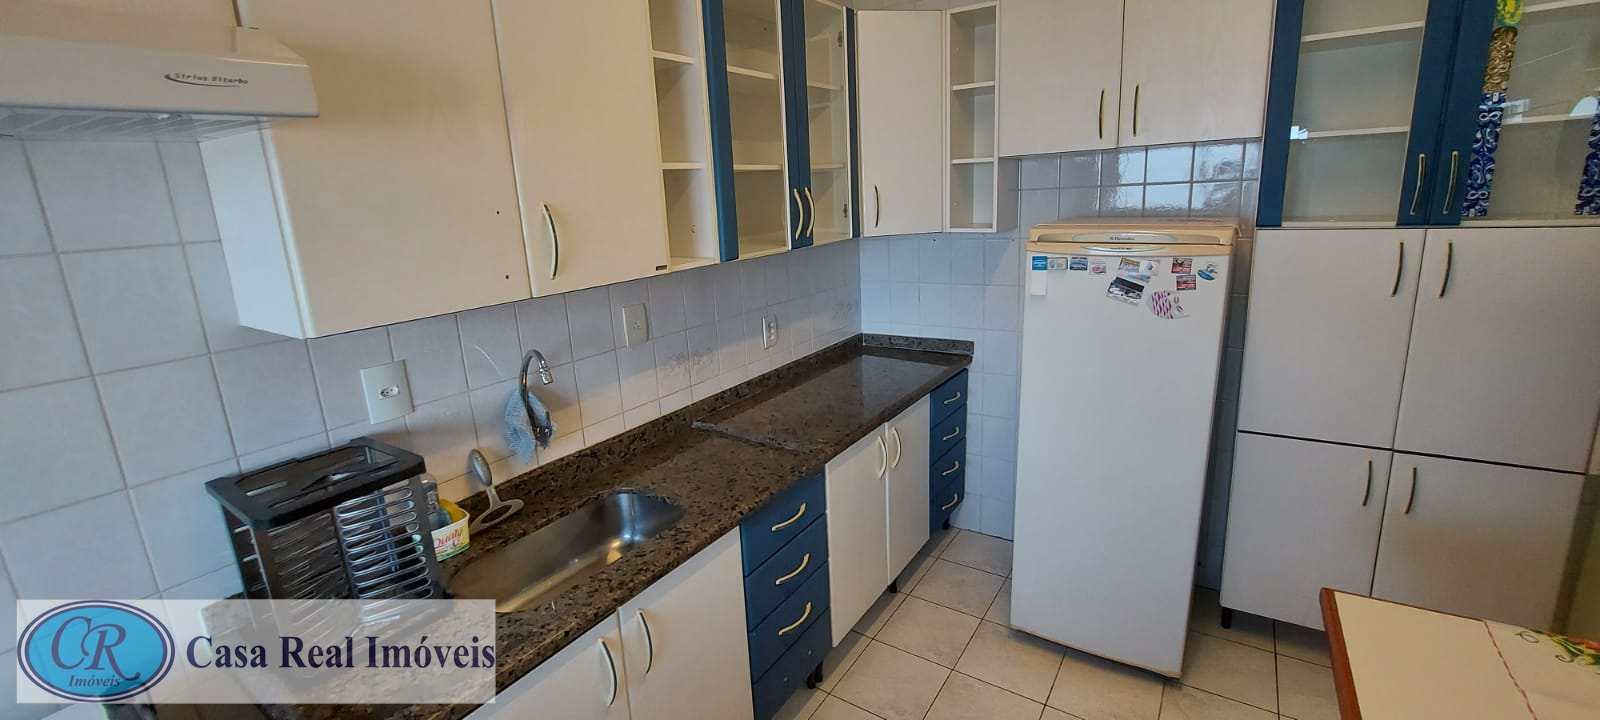 Apartamento com 2 dorms, Canto do Forte, Praia Grande - R$ 320 mil, Cod: 746